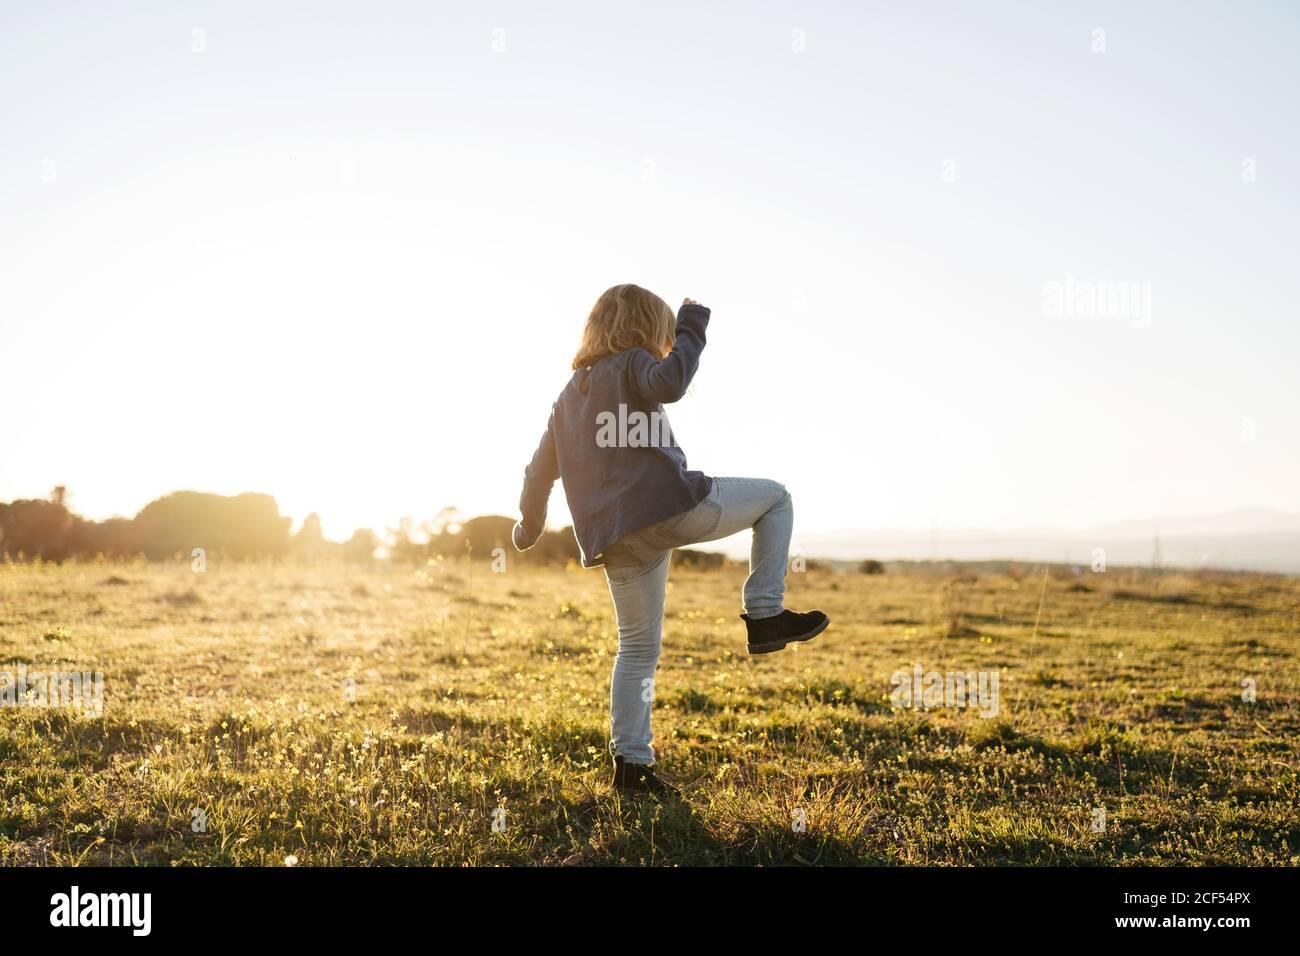 Vista posterior de la adorable chica activa anónima en informal usa jugando y bailando en el campo verde mientras disfrutas de sol noche de verano en el campo Foto de stock